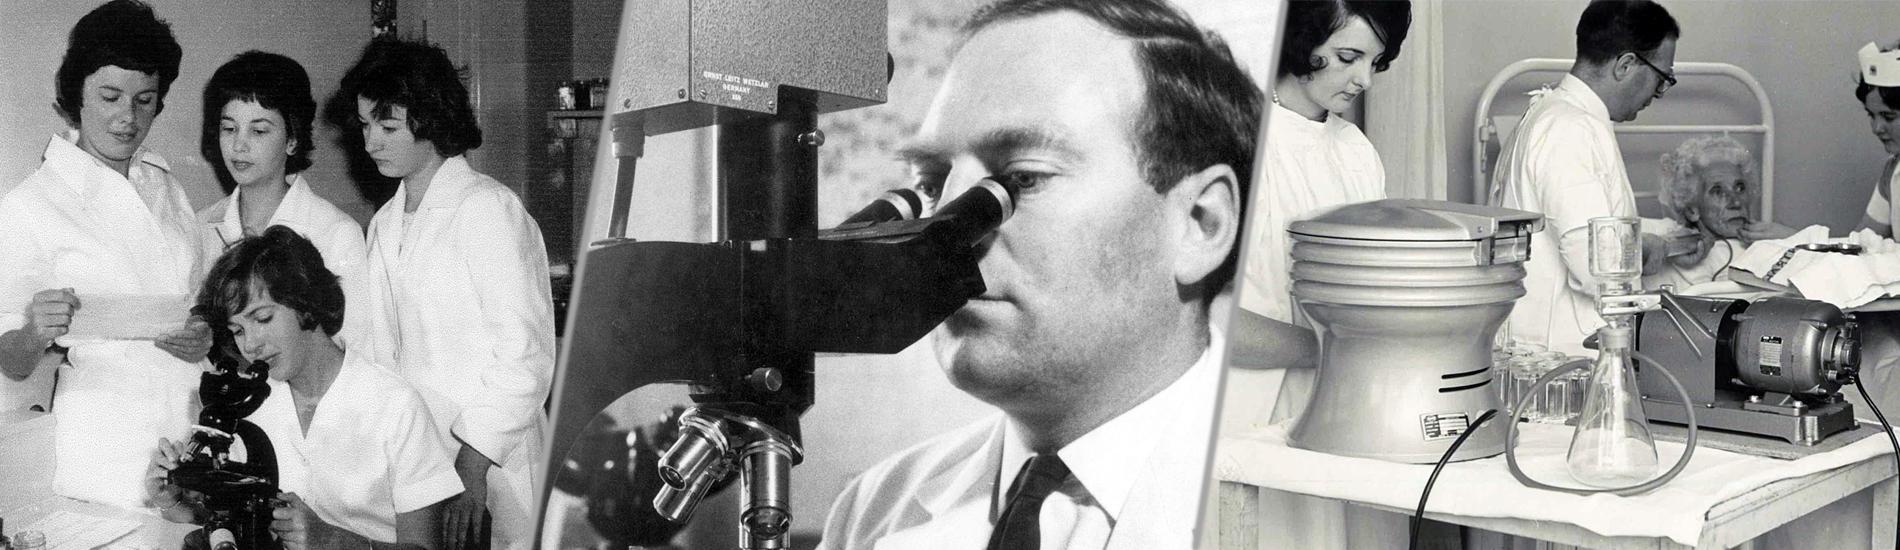 Cytology ASC History